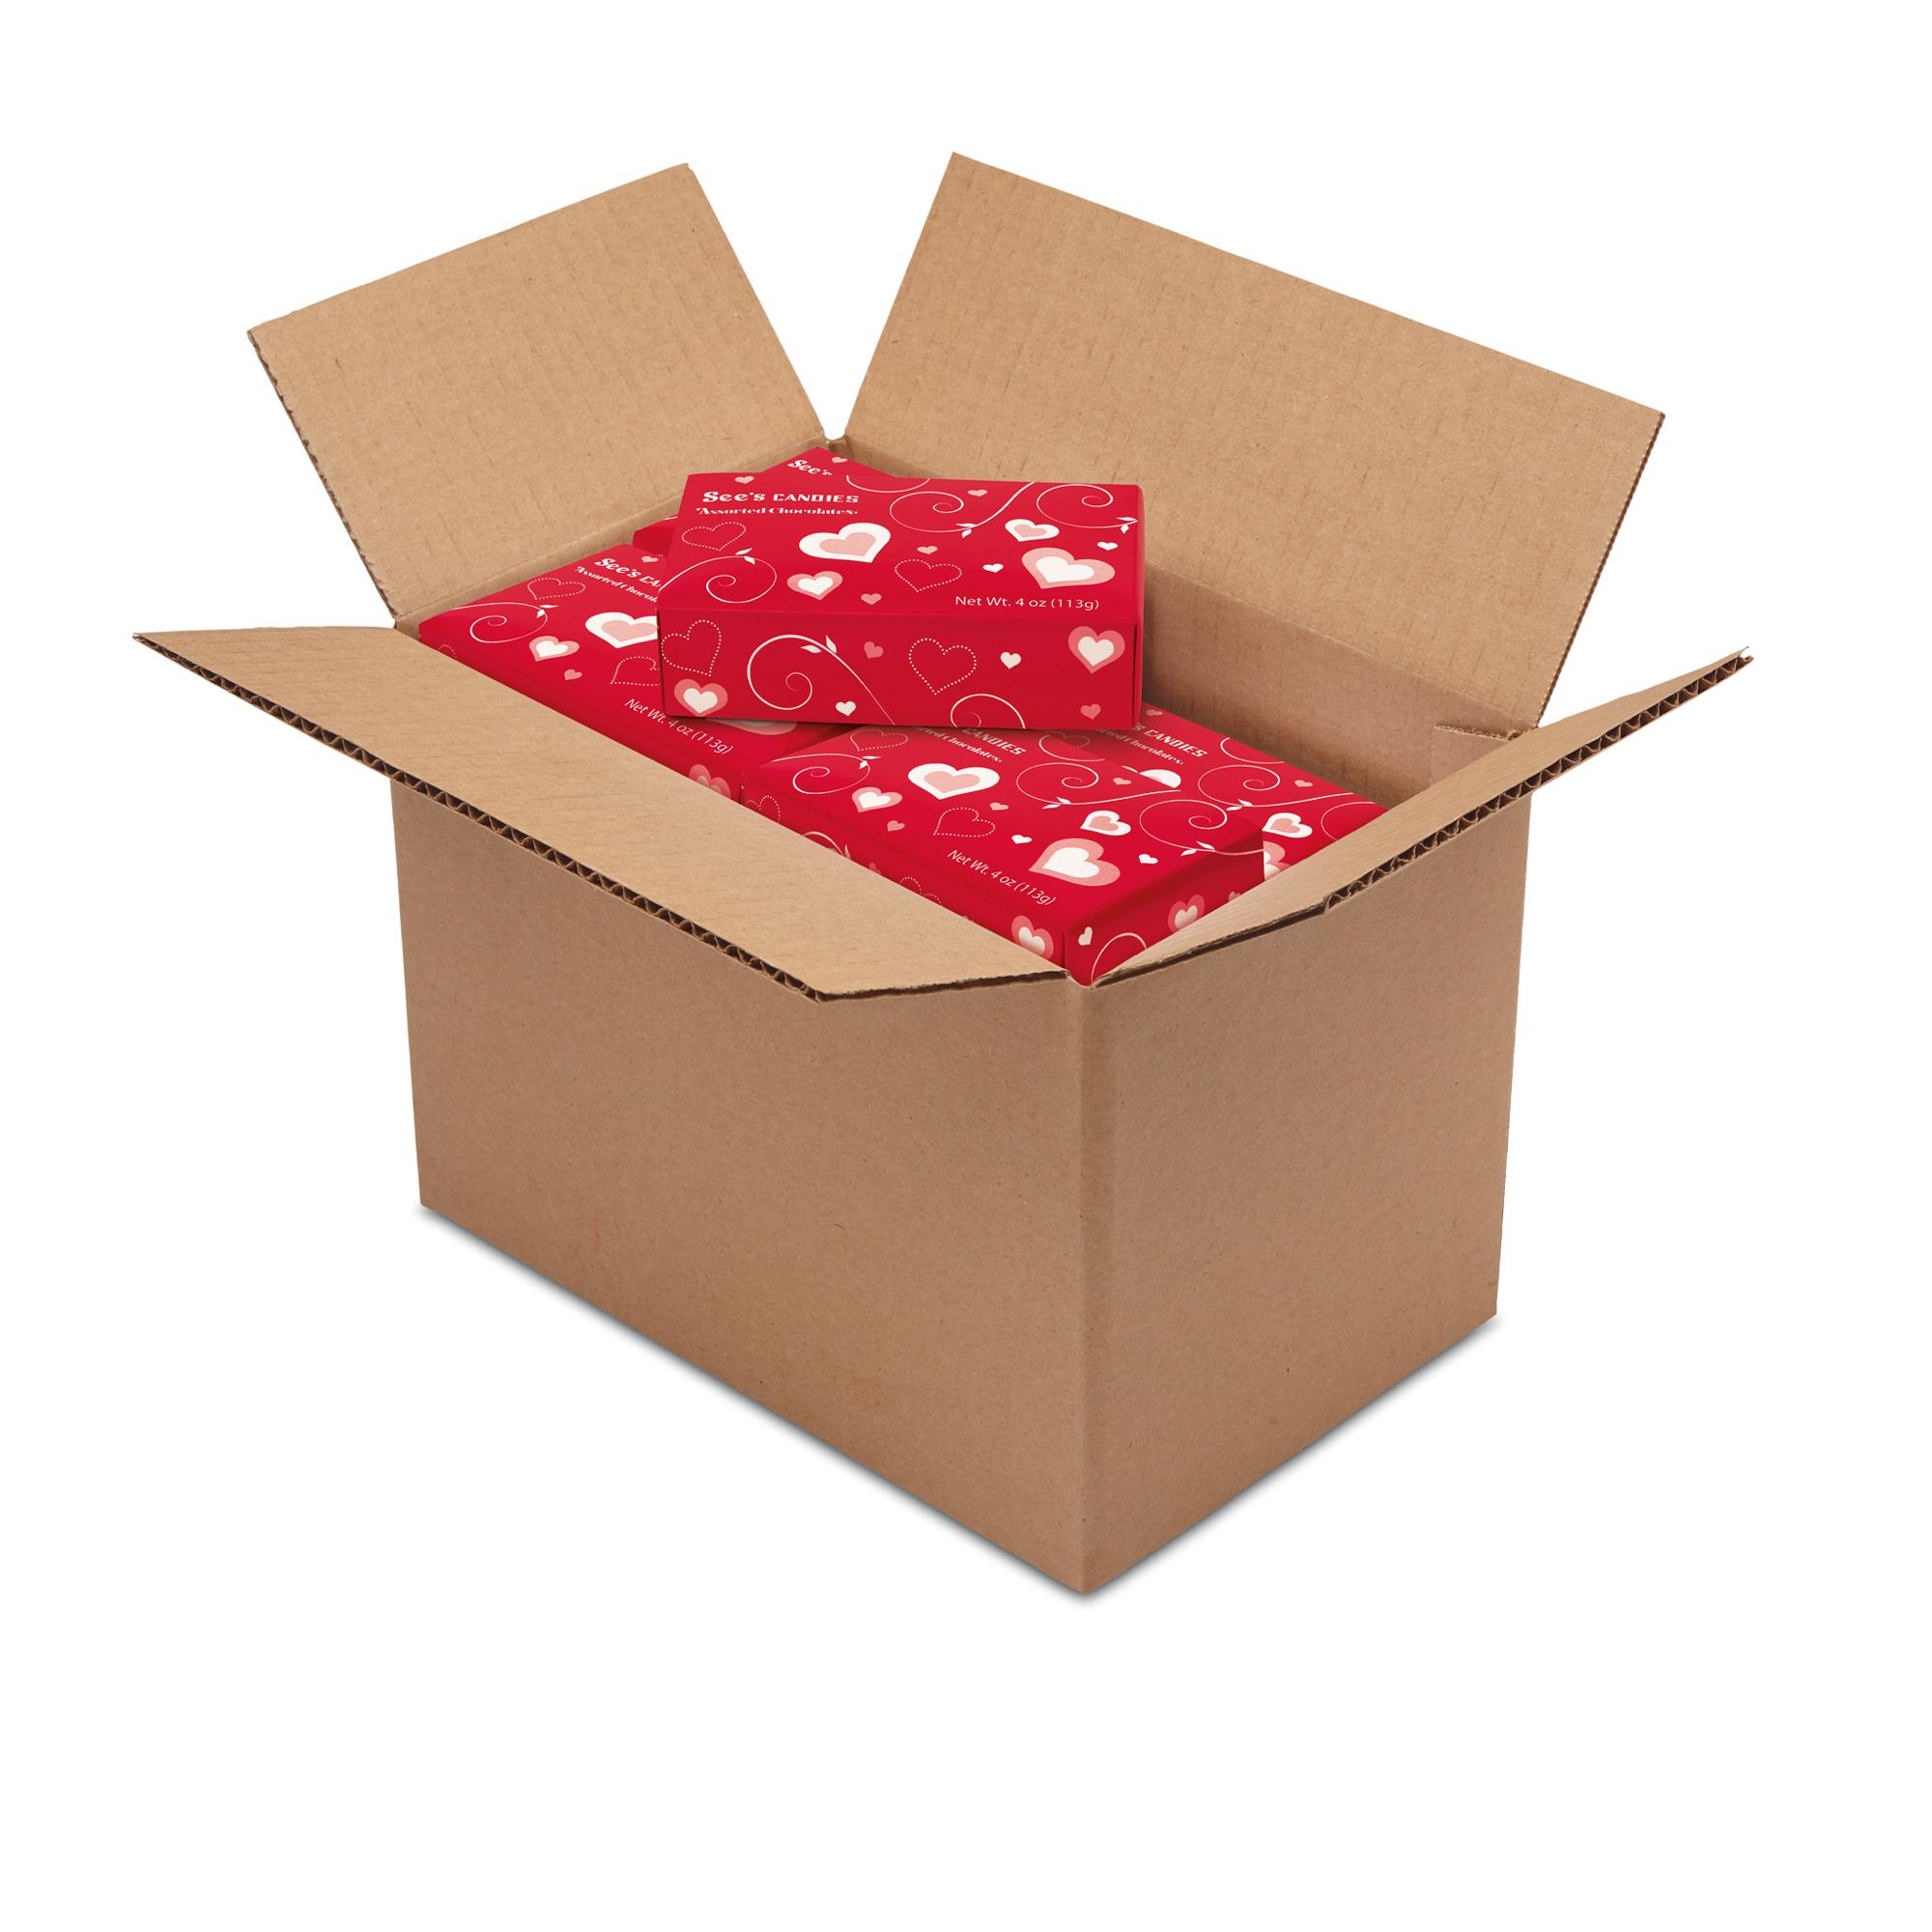 1 Carton (20 boxes) of 4 oz Mini Cupid Assortment